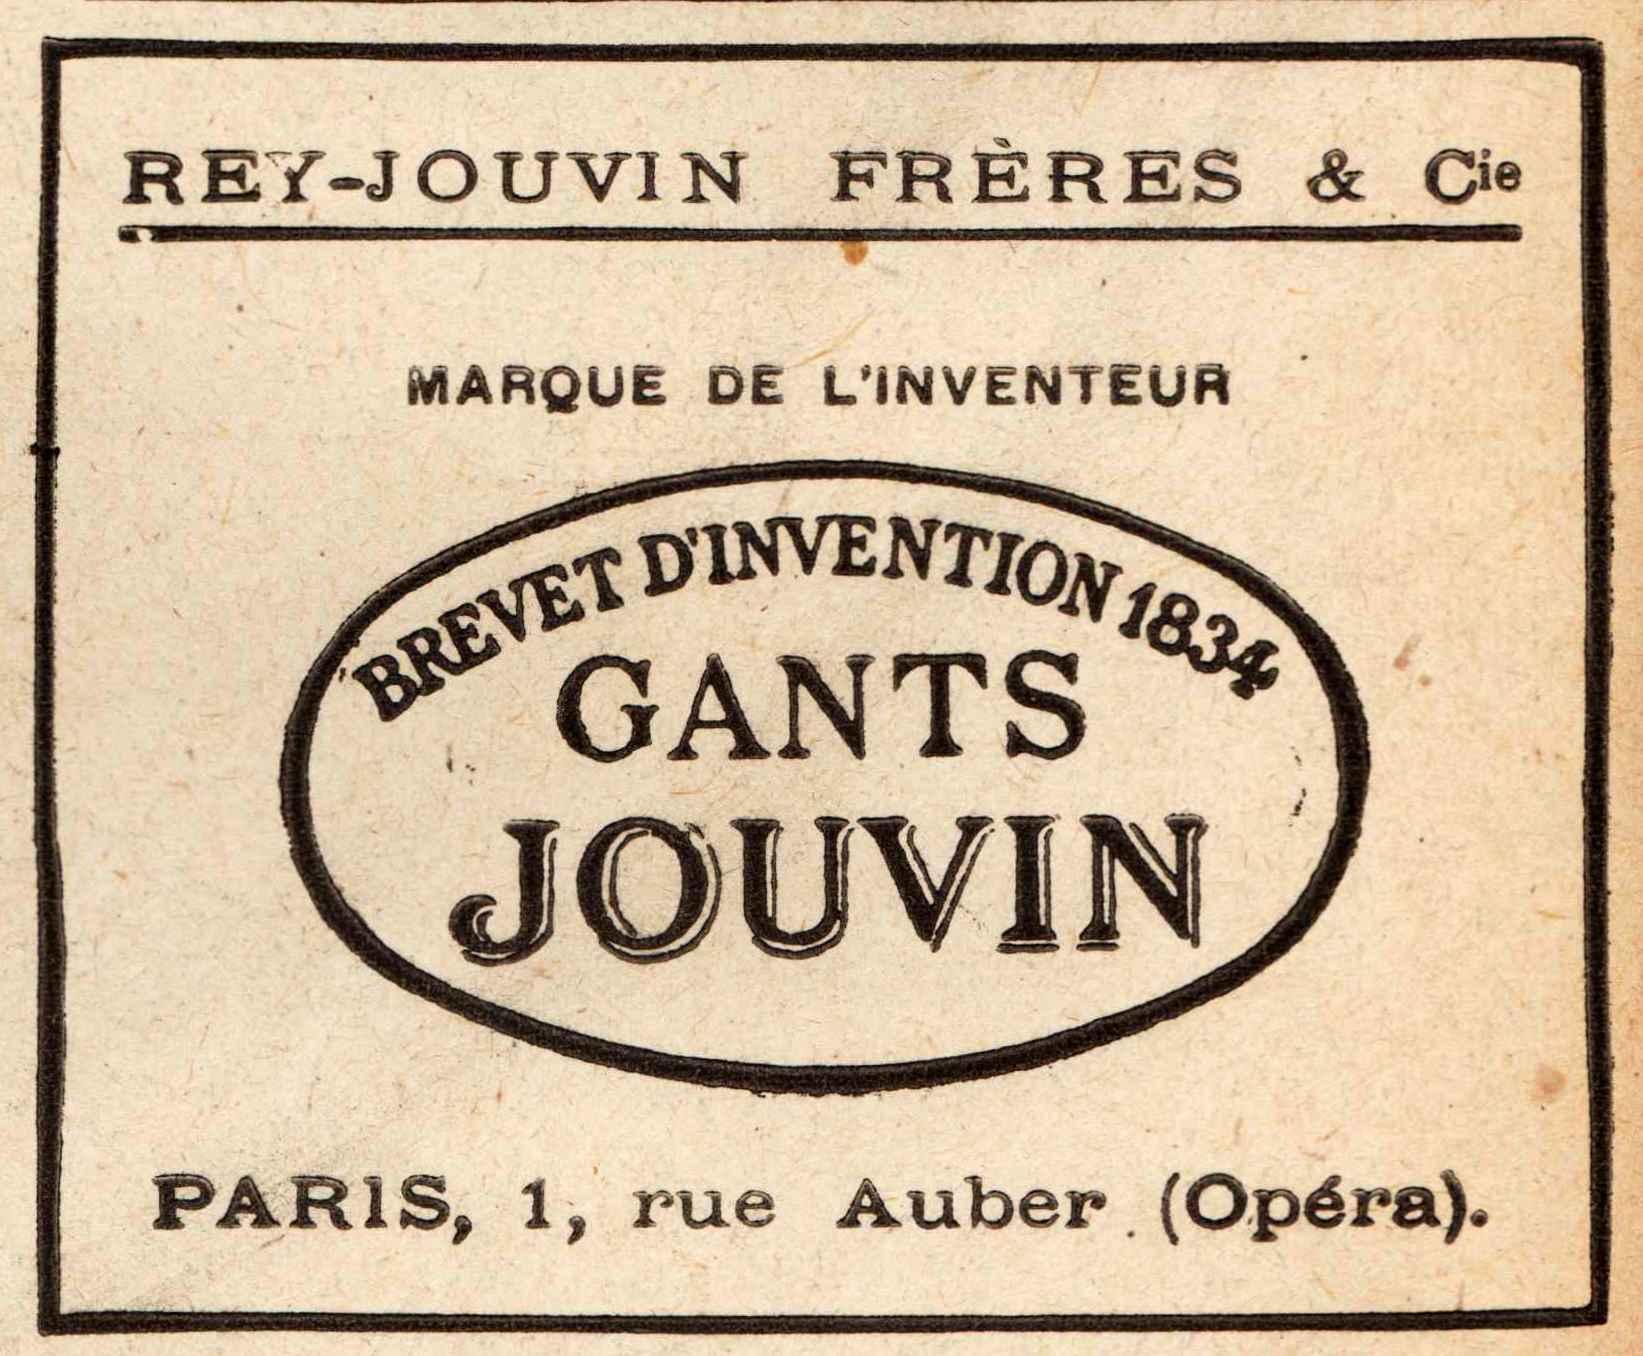 Musée de la Ganterie Jouvin de Grenoble - Journées européennes du patrimoine 2017